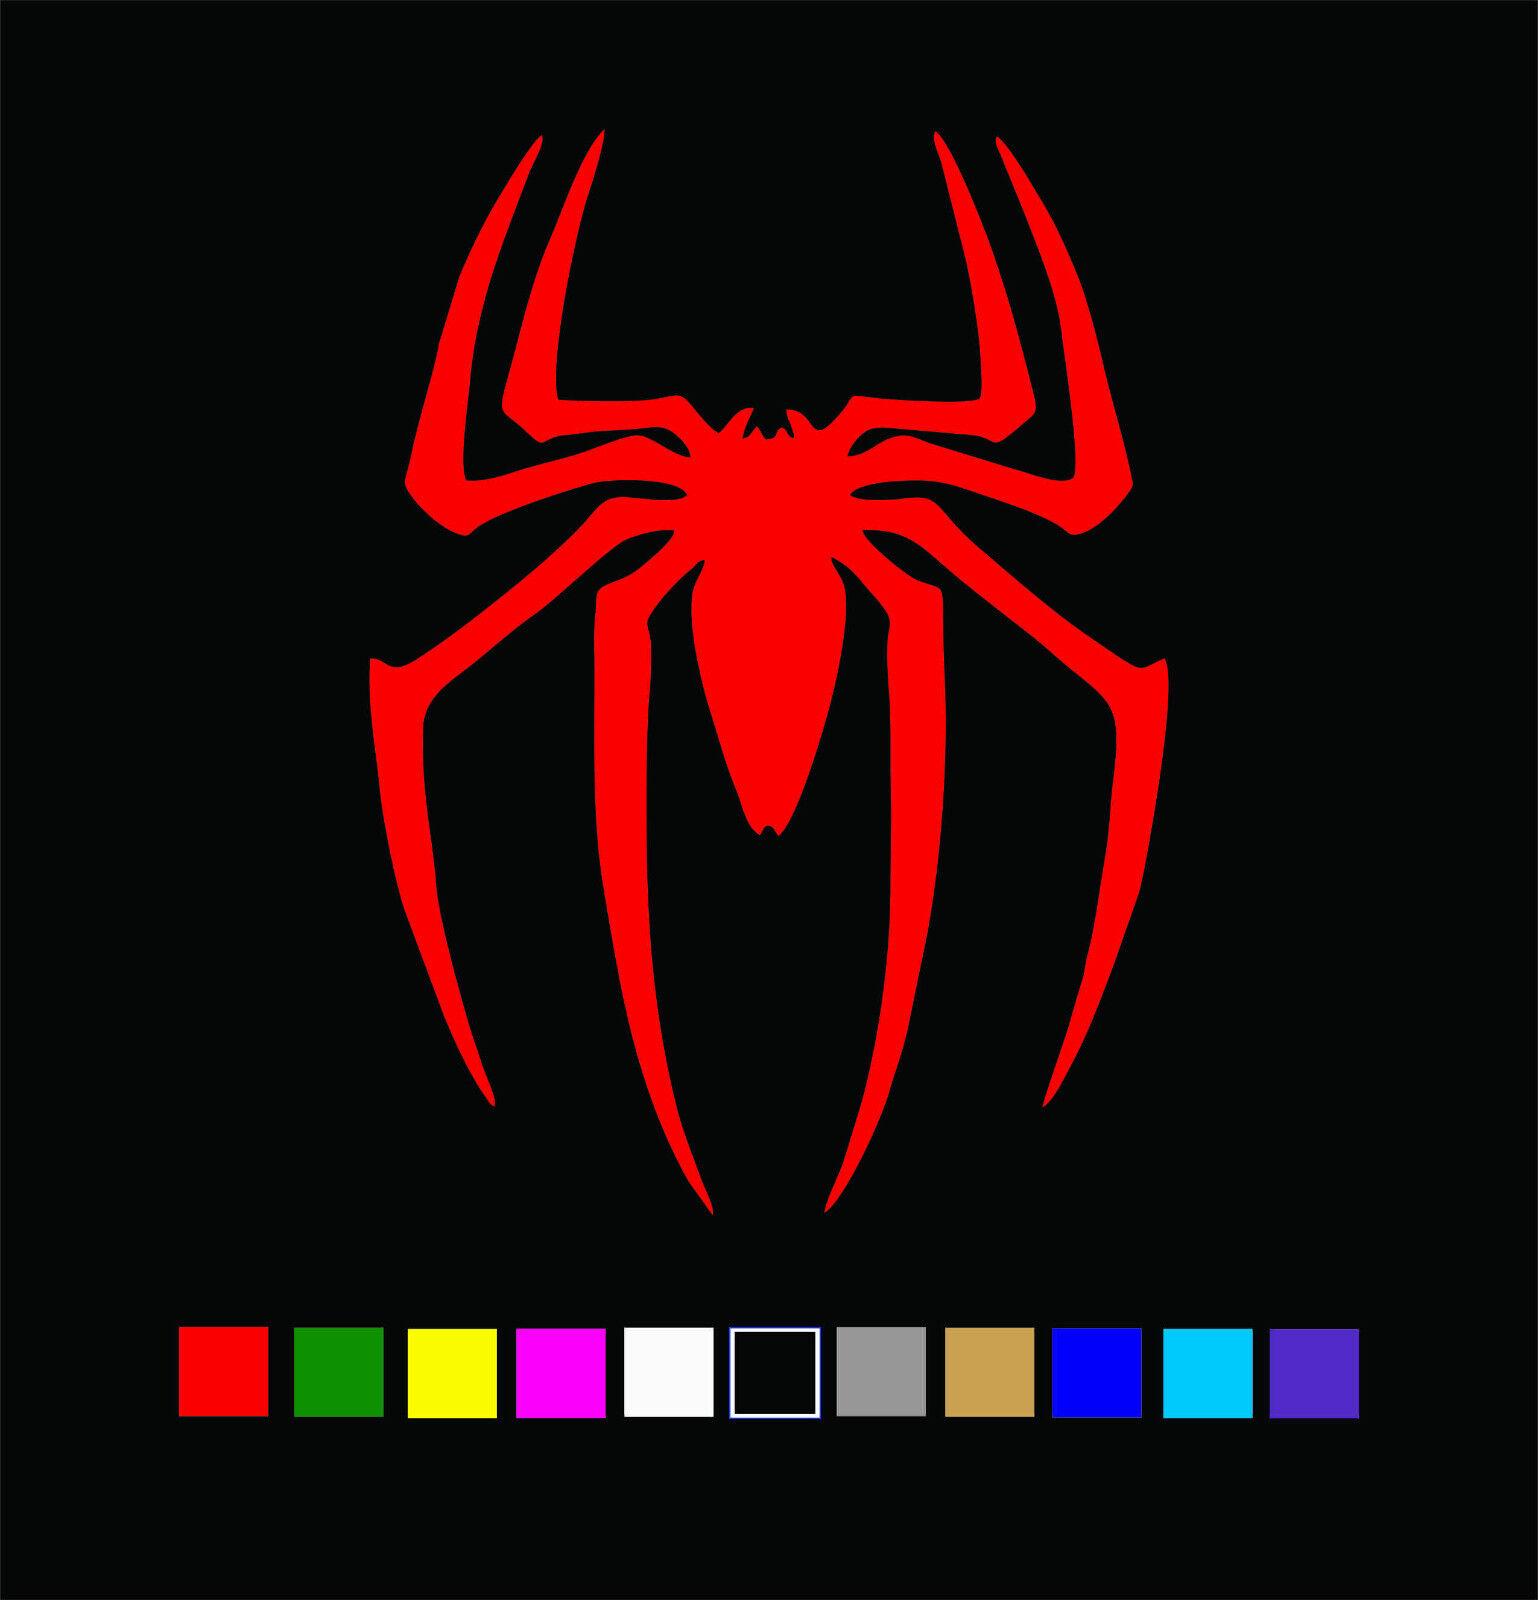 Home Decoration - SPIDERMAN Spider Emblem Logo Vinyl Decal Die Cut Sticker